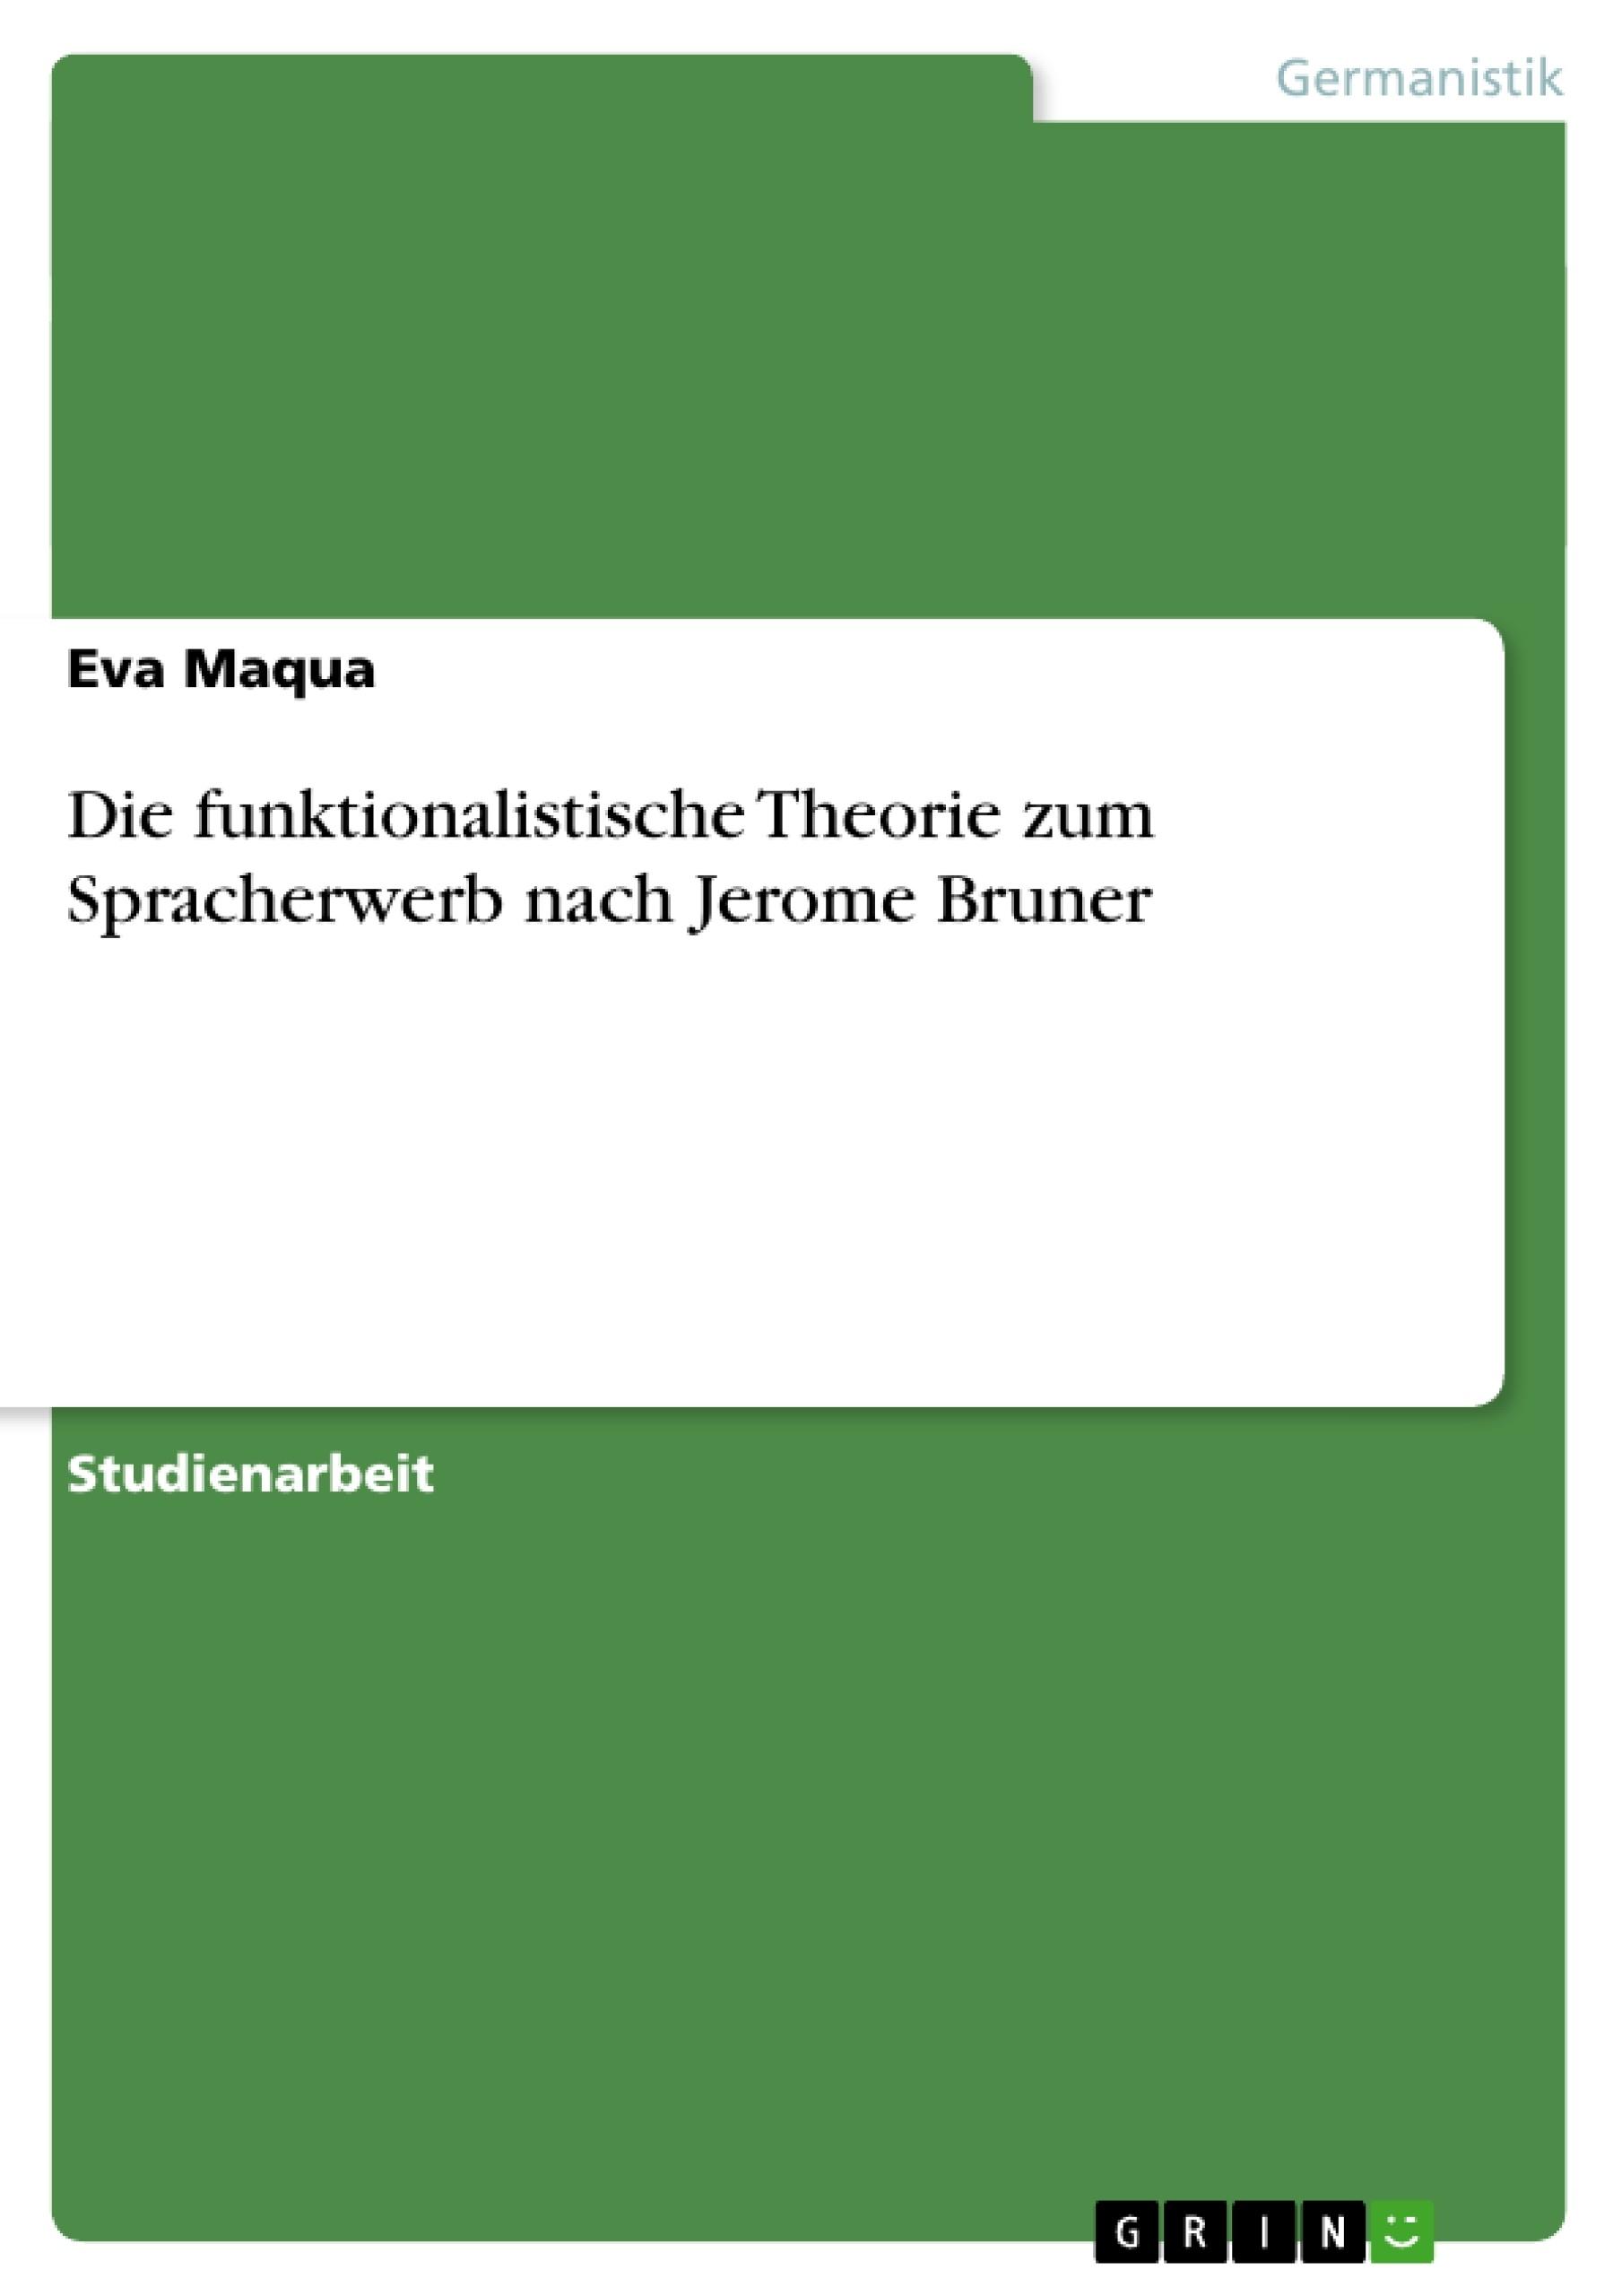 Titel: Die funktionalistische Theorie zum Spracherwerb nach Jerome Bruner